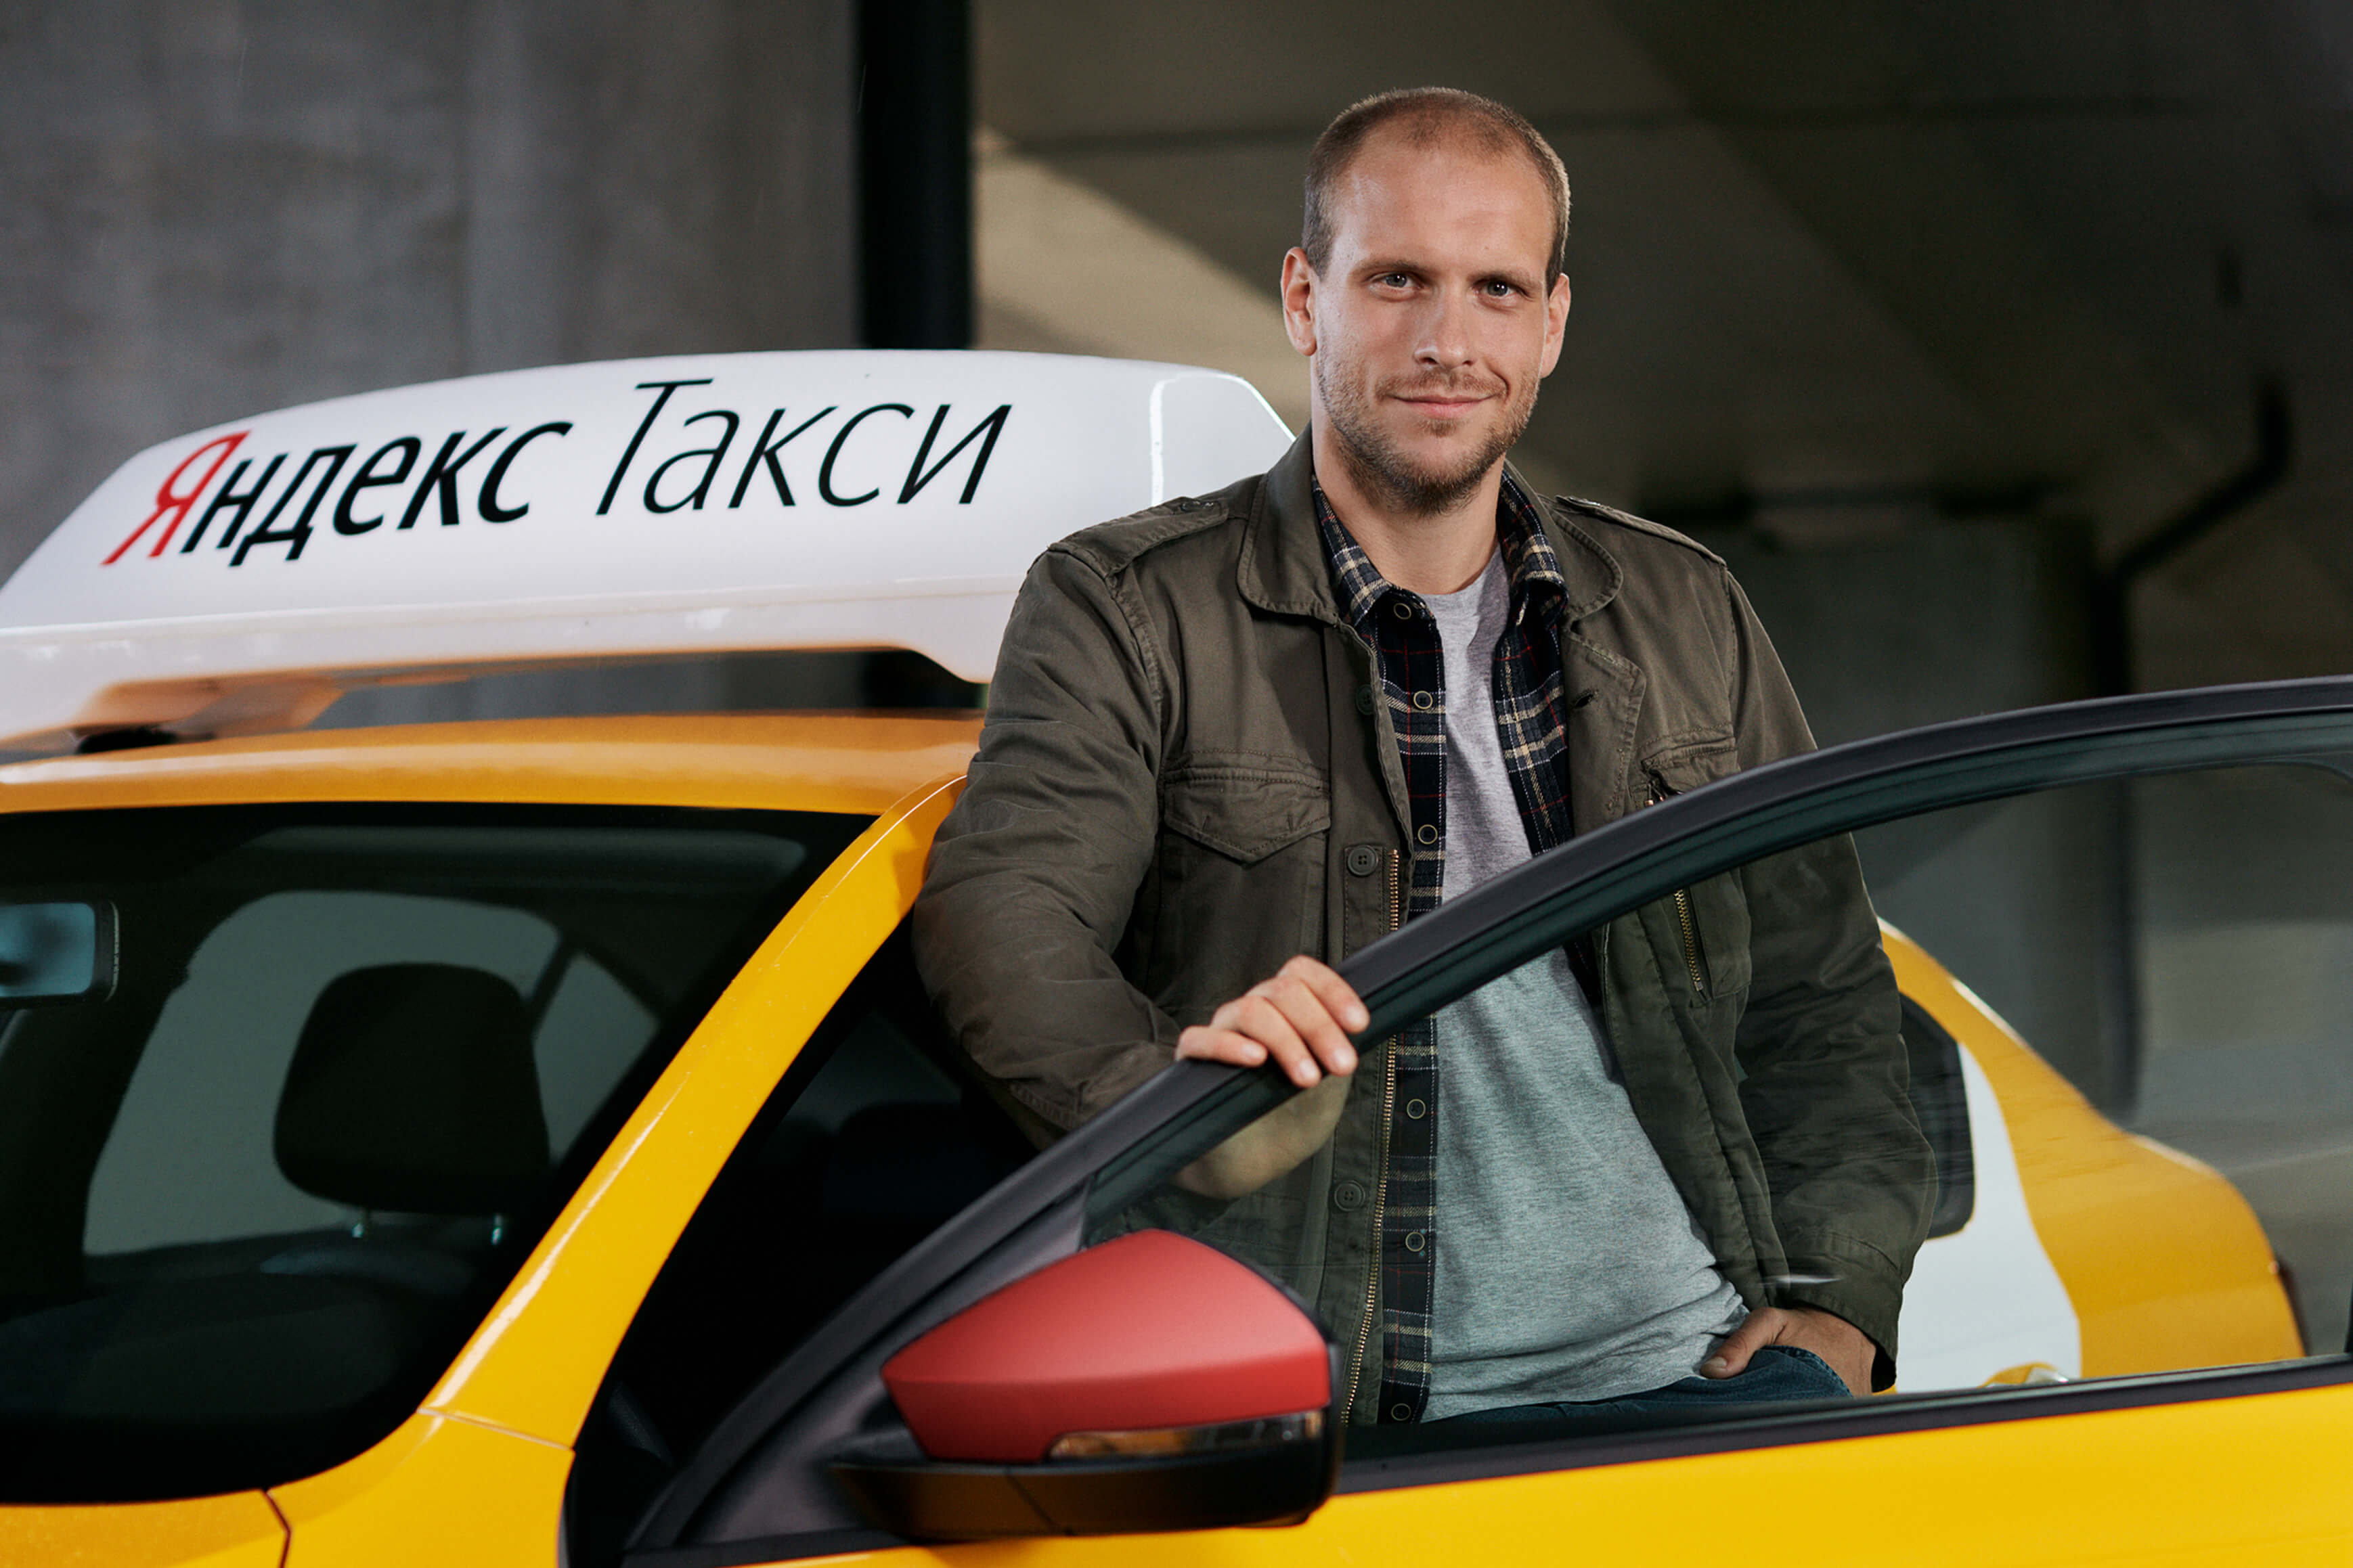 Профессионалы и любители: когда произойдет полное разделение категорий водителей